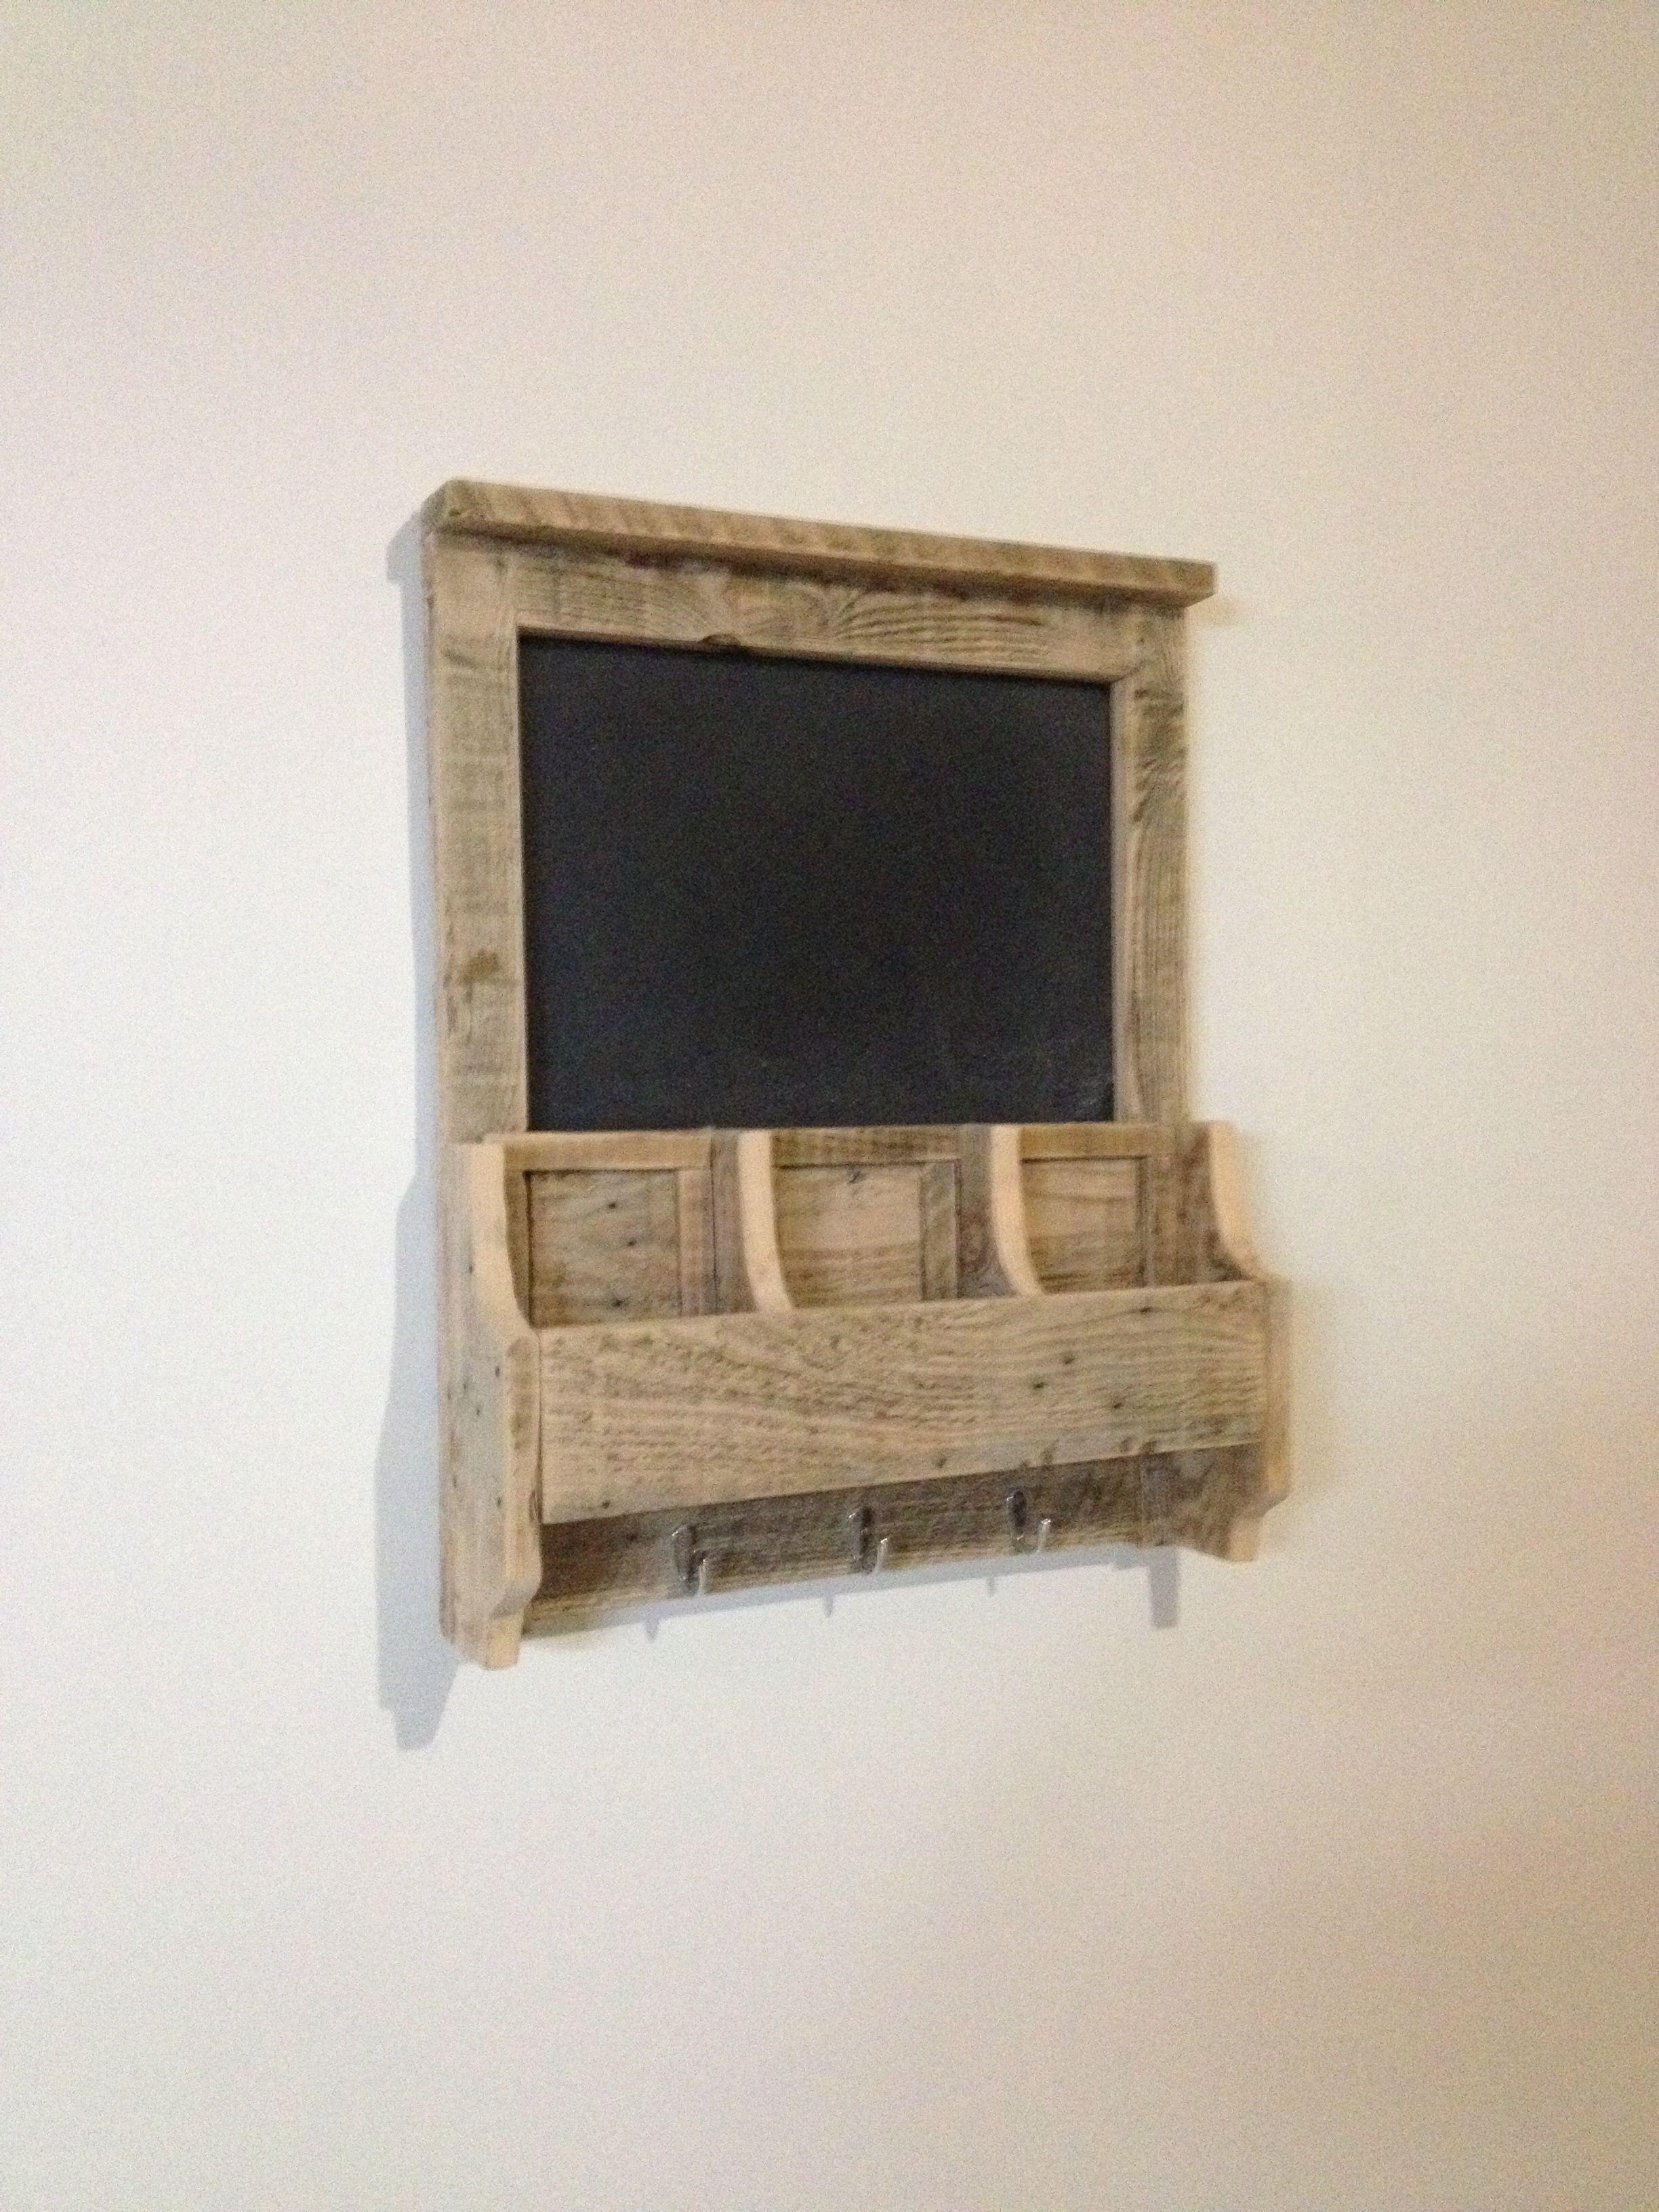 tableau porte cle et boite aux lettre tableau pinterest woodworking. Black Bedroom Furniture Sets. Home Design Ideas